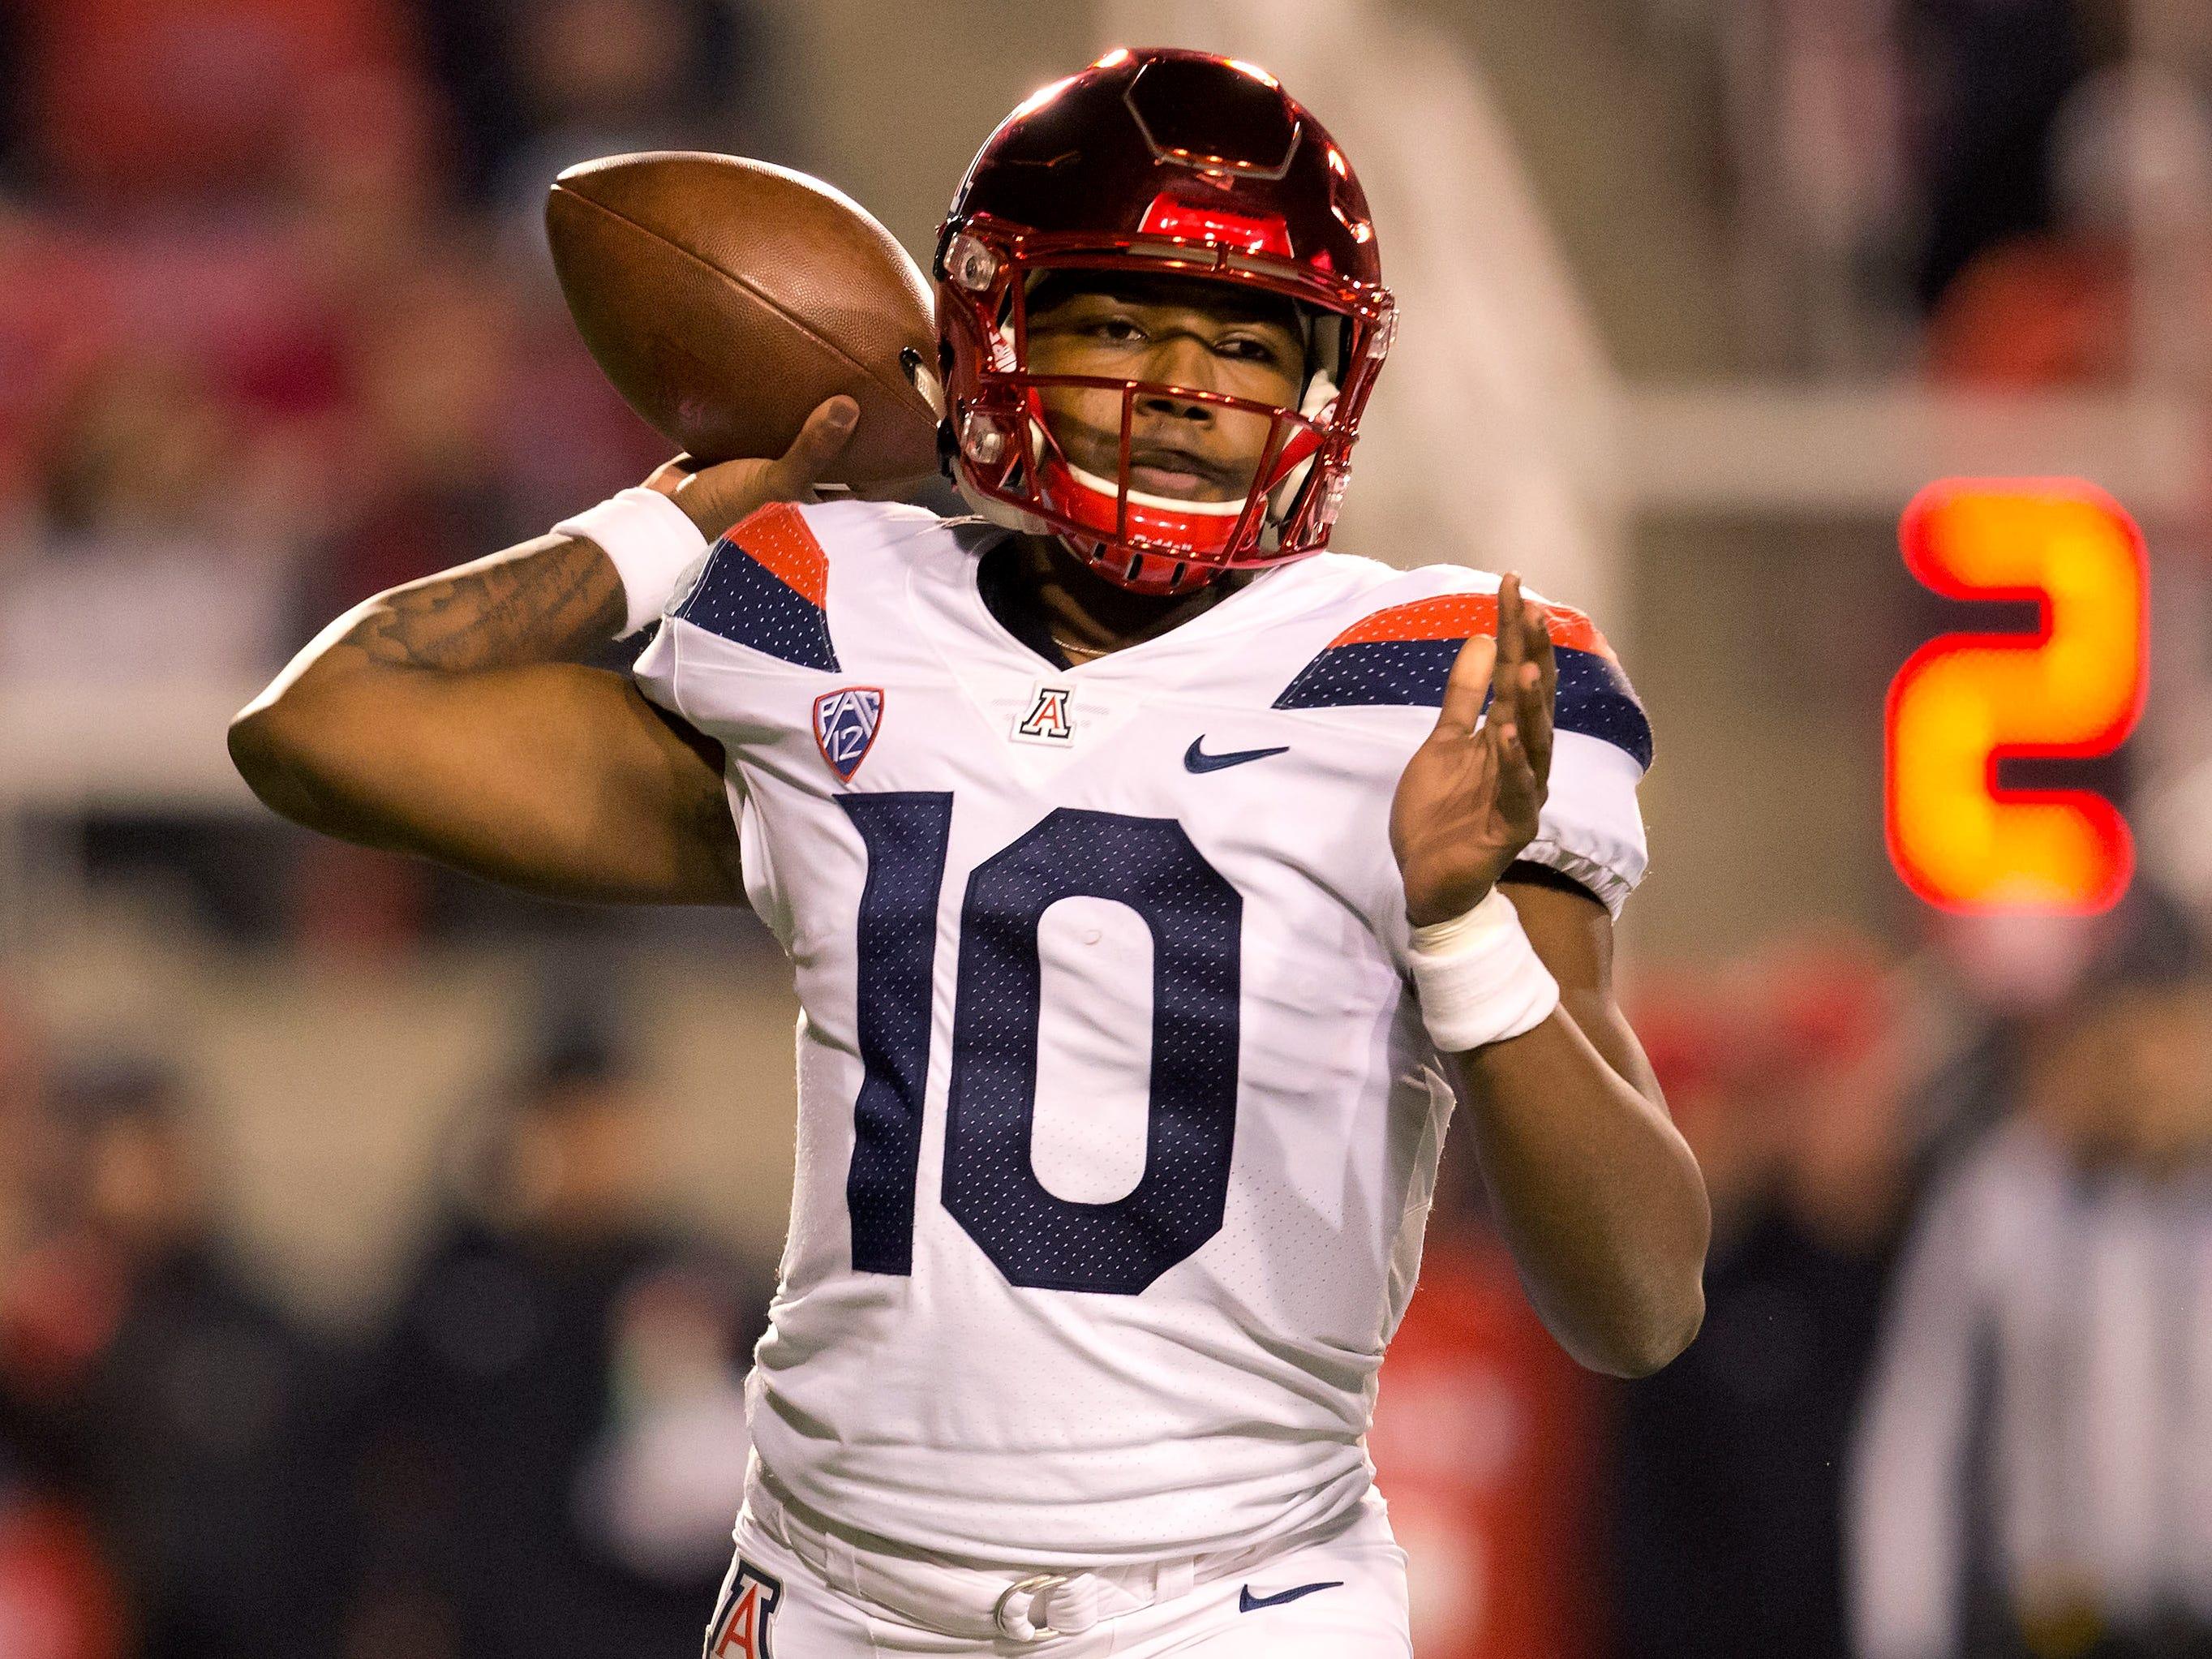 Oct 12, 2018; Salt Lake City, UT, USA; Arizona Wildcats quarterback Jamarye Joiner (10) passes the ball during the first half against the Arizona Wildcats at Rice-Eccles Stadium.